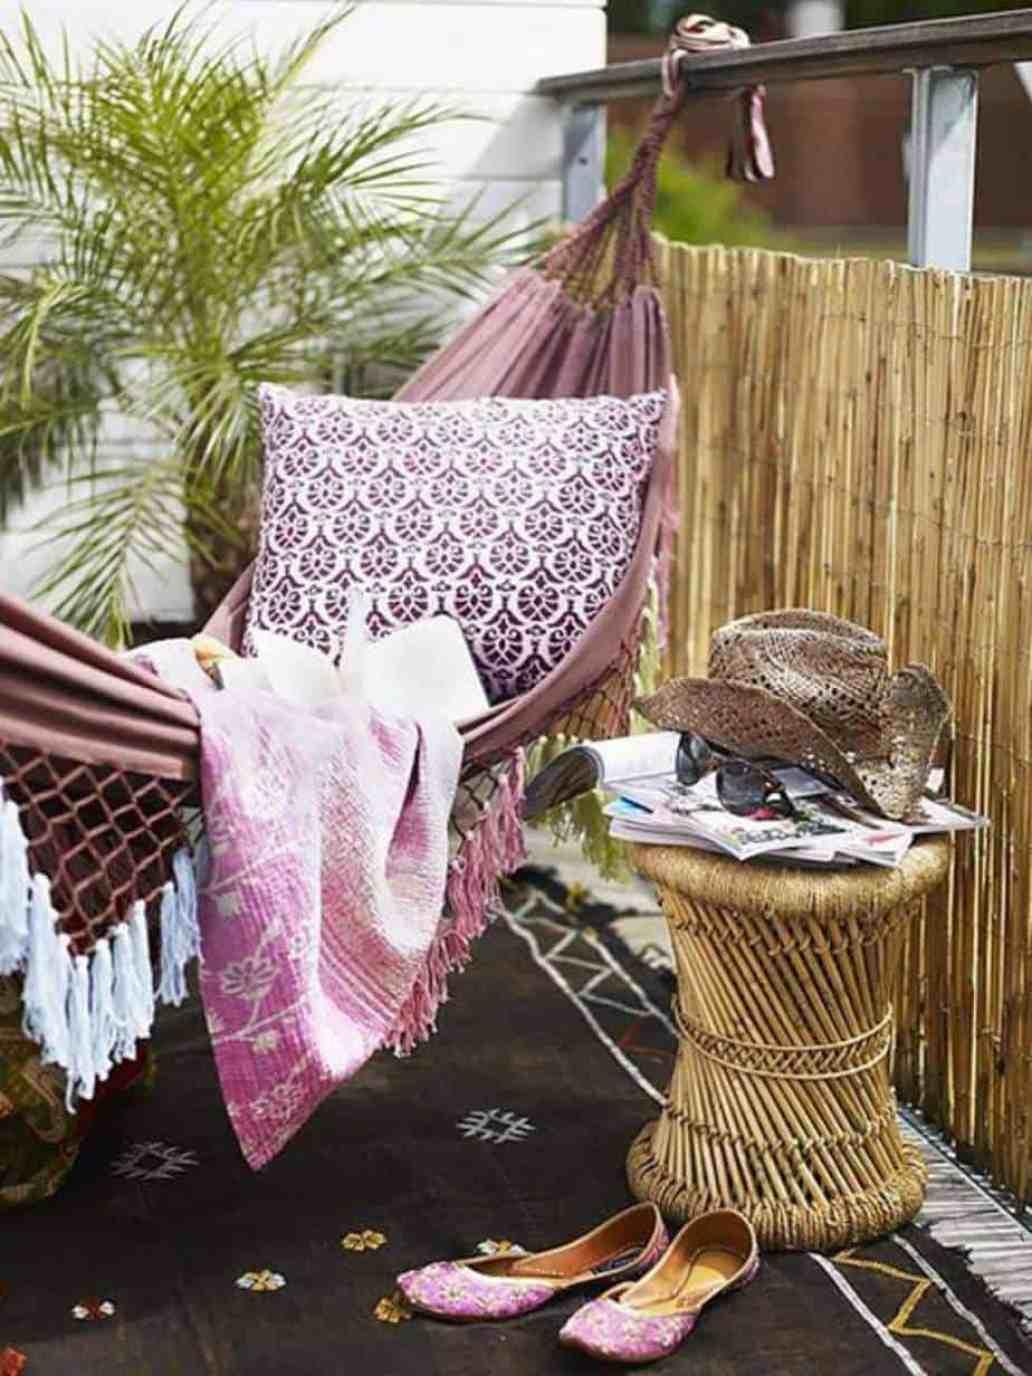 un balcon deco esprit boheme chic 5381849 1536x2048 - Des astuces pour cacher le vis-à-vis sur le balcon sans se ruiner